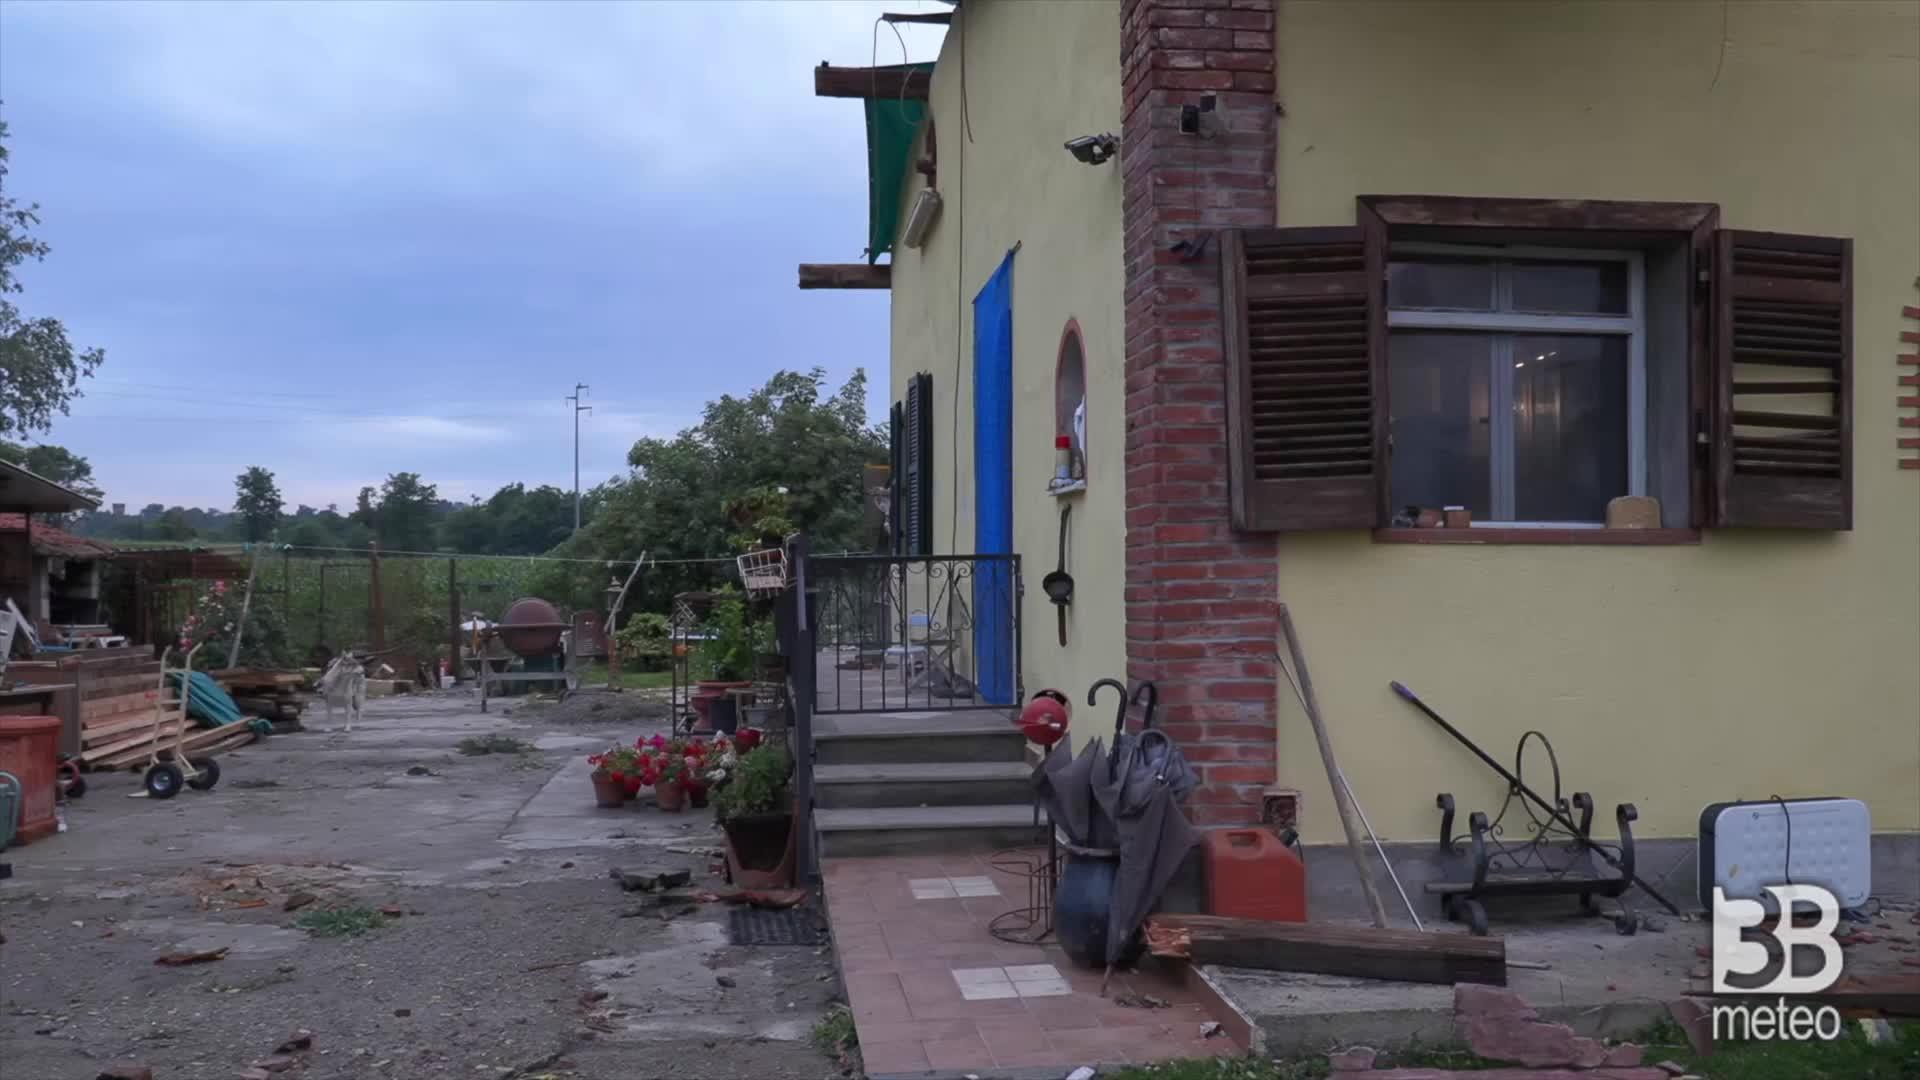 Maltempo colpisce il canavese: casa scoperchiata a Ozegna